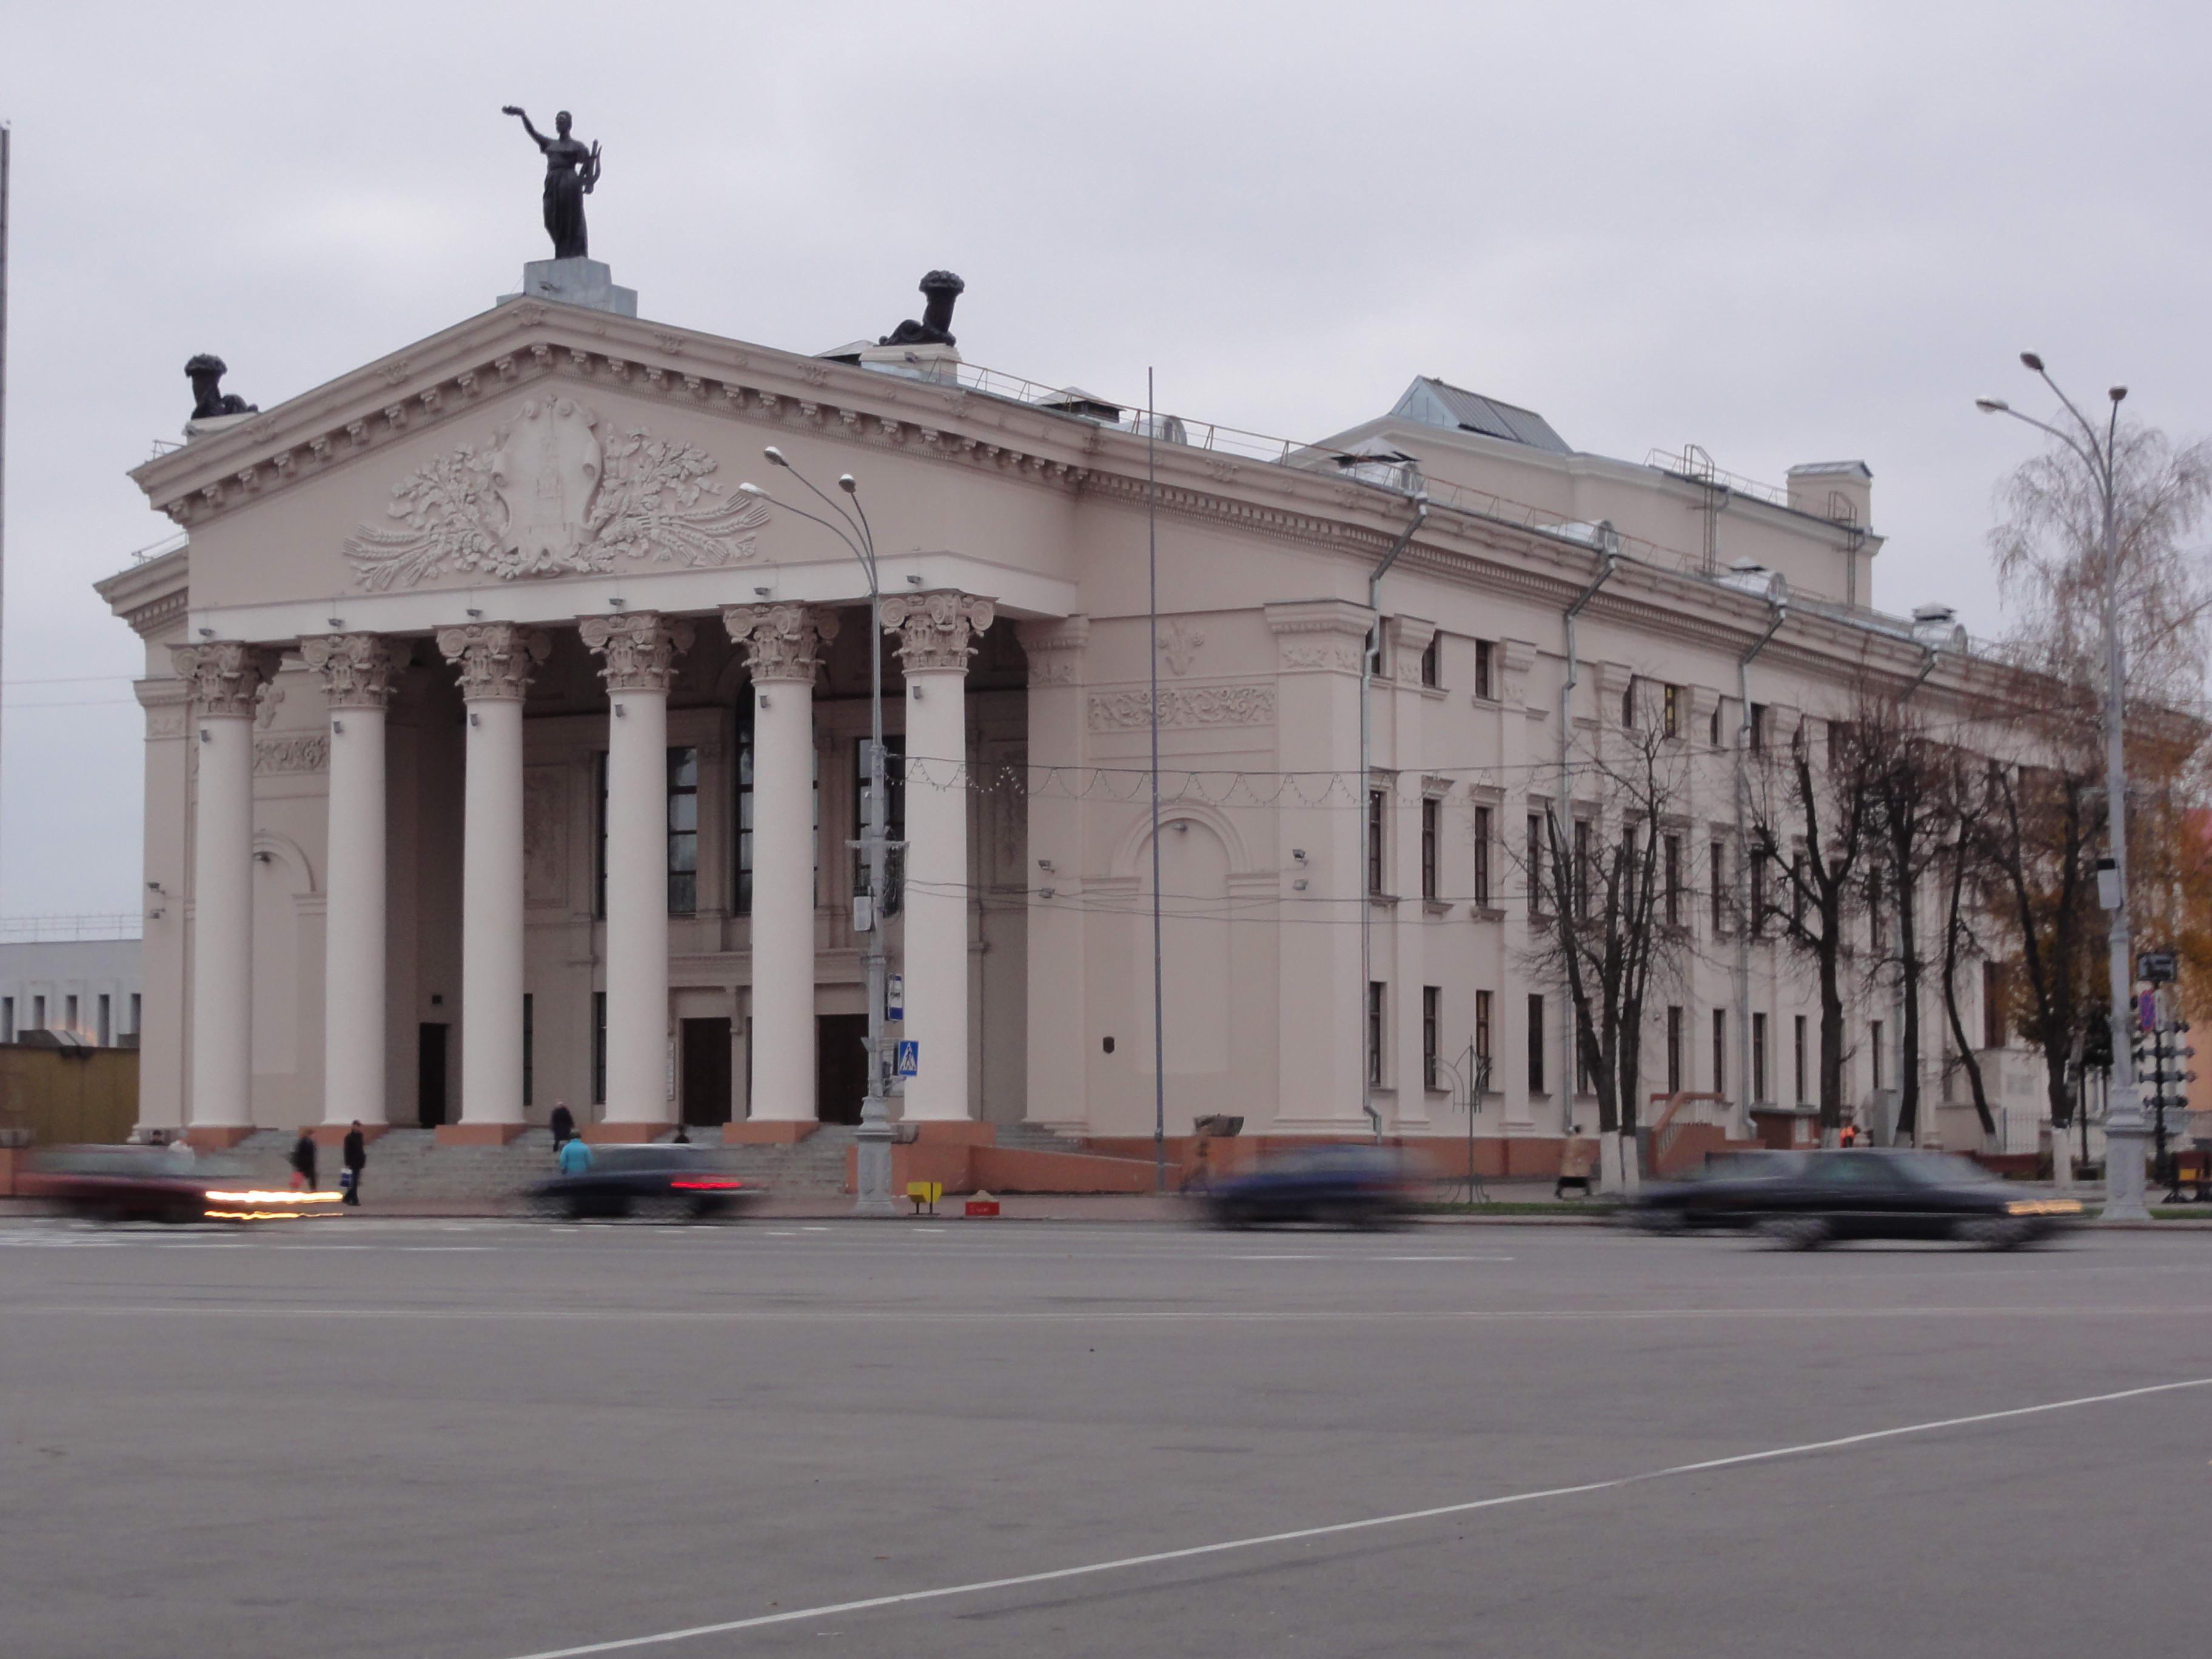 Гомельский областной драматический театр (Беларусь, Гомель, площадь Ленина, 1)